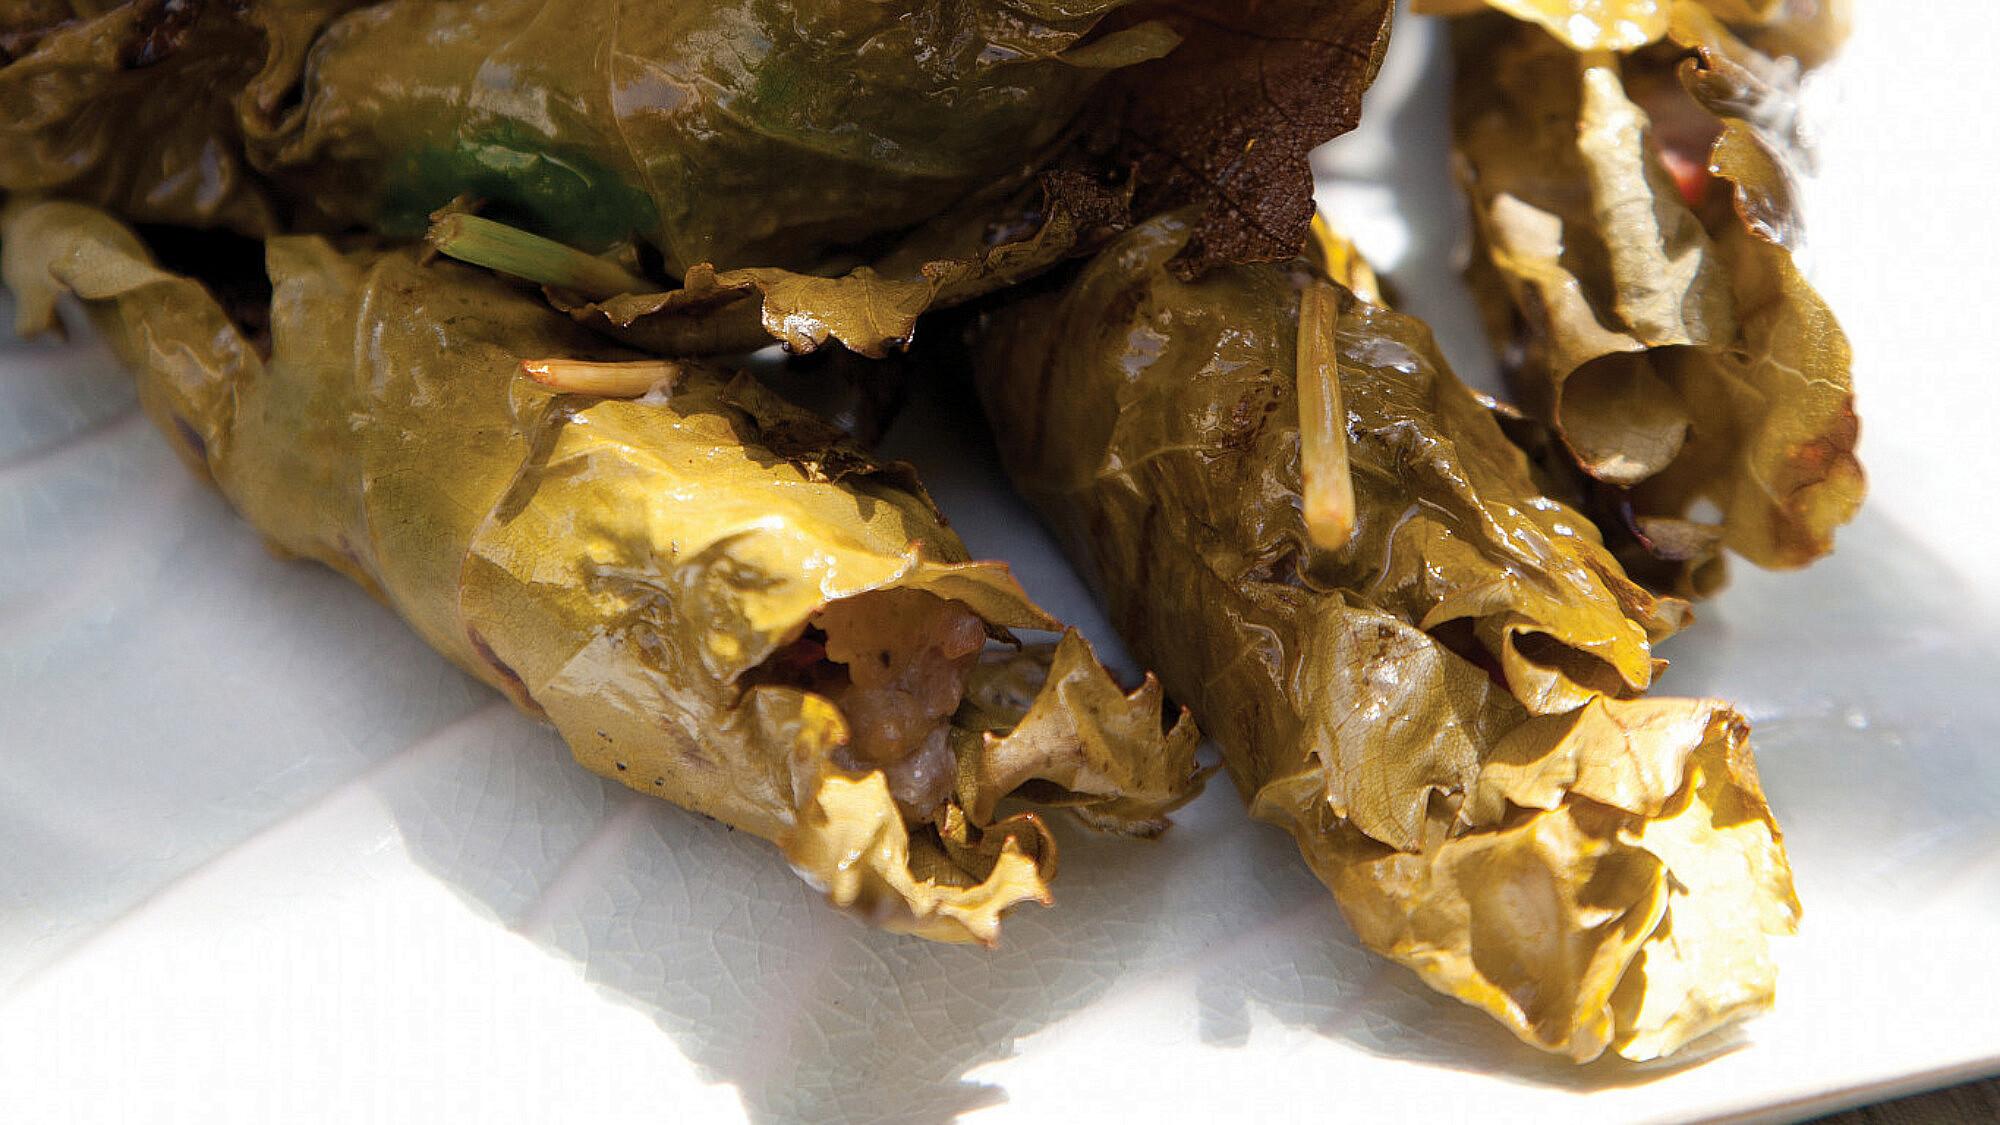 ביף ללוּ — עלי גפן ממולאים בבשר וצלויים על הגריל של אלי קישוני. סטיילינג: דלית רוסו (צילום: דניאל לילה)